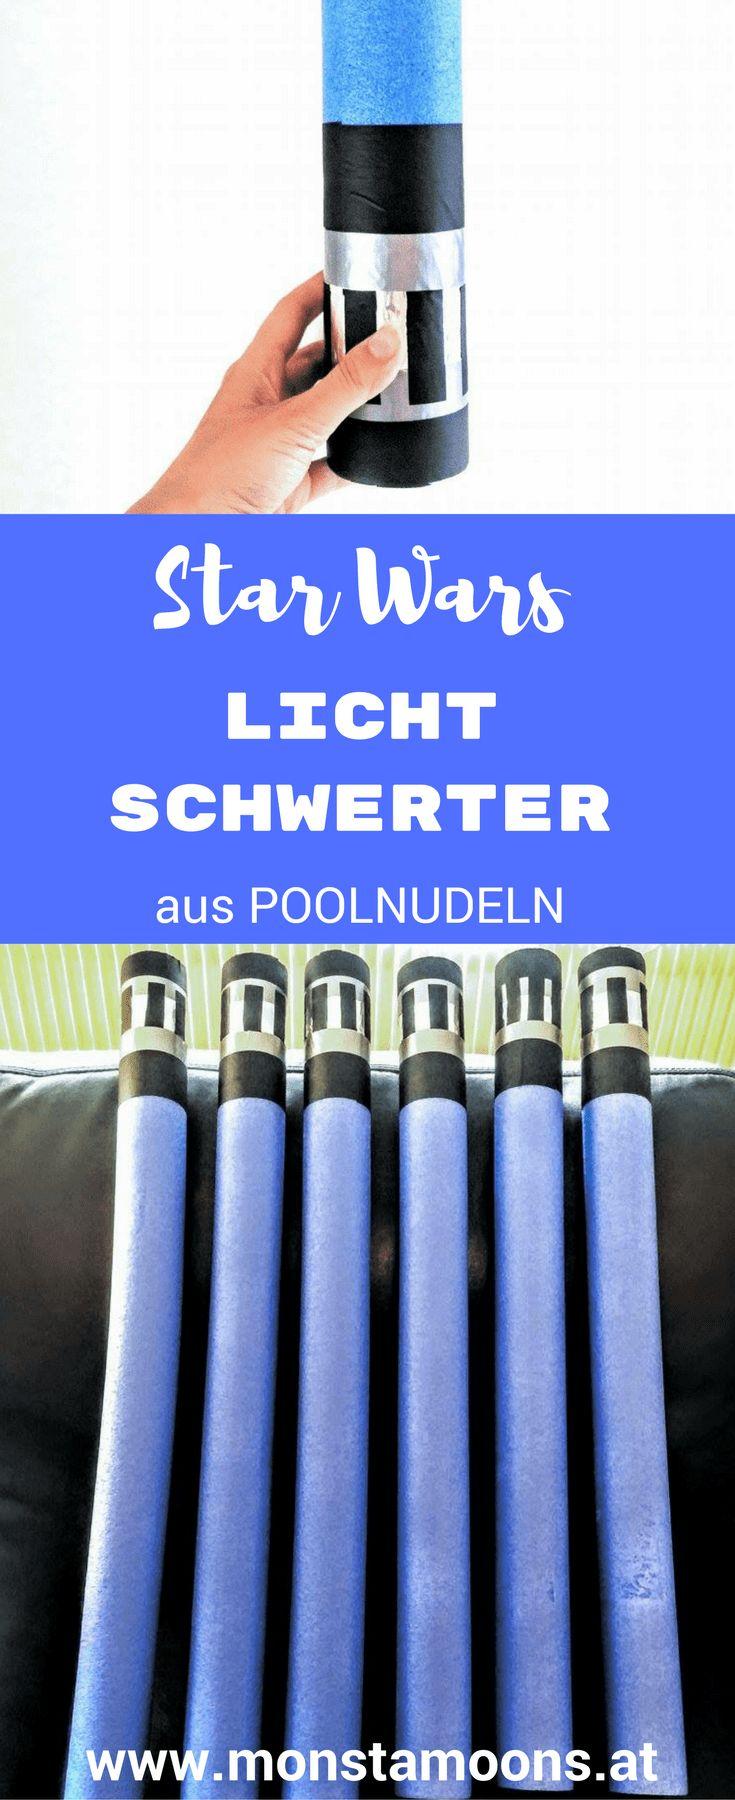 Star Wars Lichtschwerter basteln, Lichtschwert aus Poolnudel, Basteln mit Schwimmnudeln, Basteln für Halloween, Basteln für den Fasching